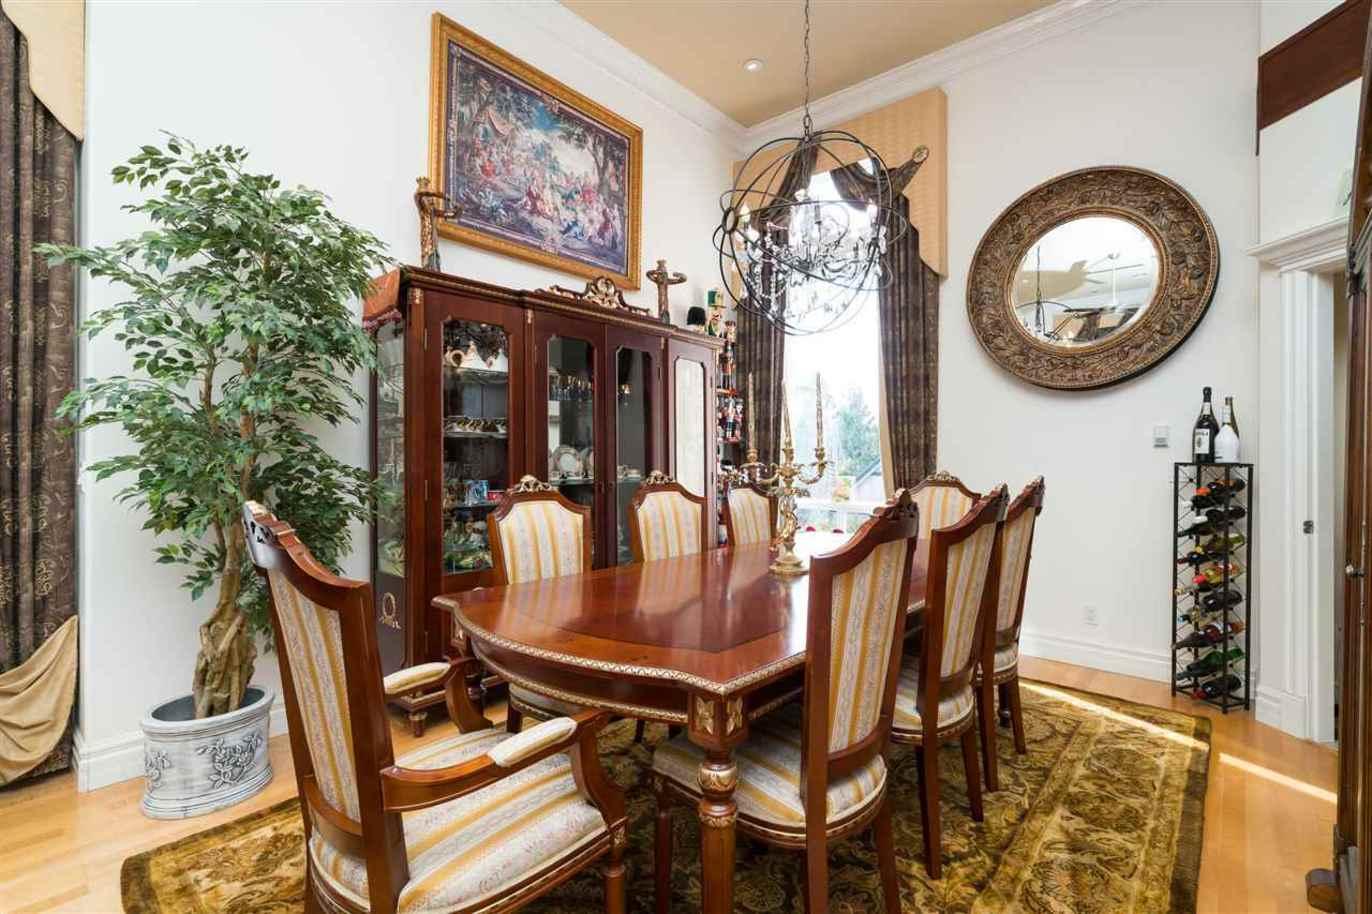 5355-186a-street-cloverdale-bc-cloverdale-08 at 5355 186a Street, Cloverdale BC, Cloverdale